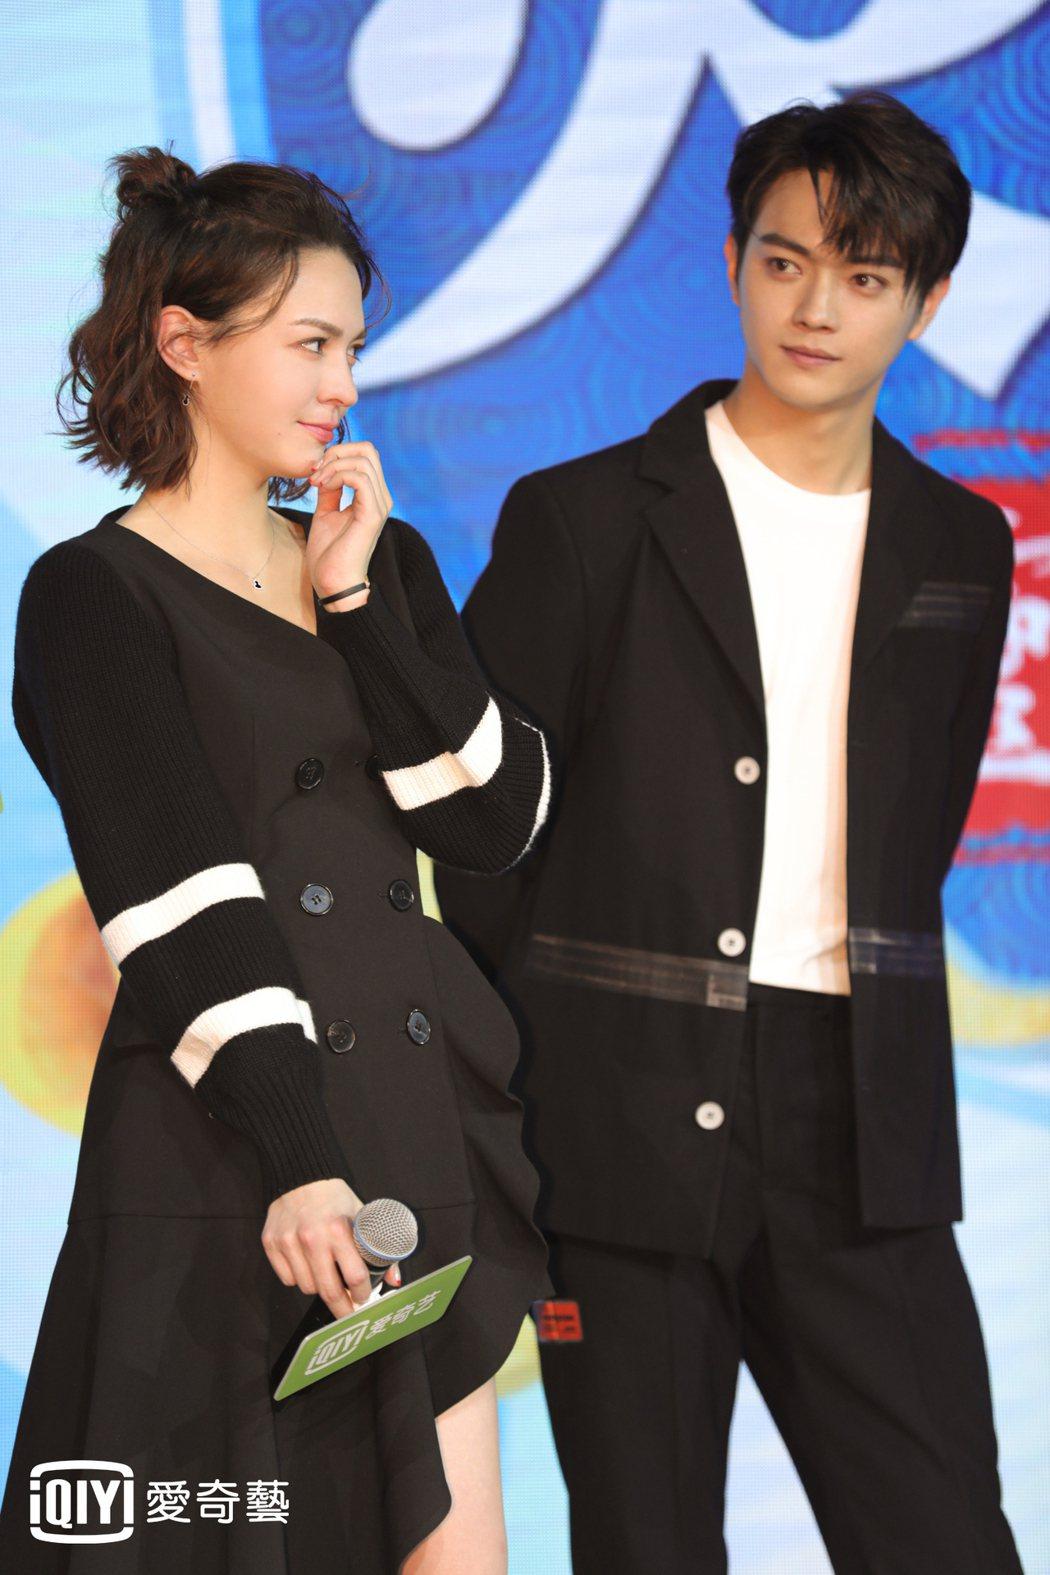 許凱(右)、張榕容出席粉絲見面會。圖/愛奇藝台灣站提供